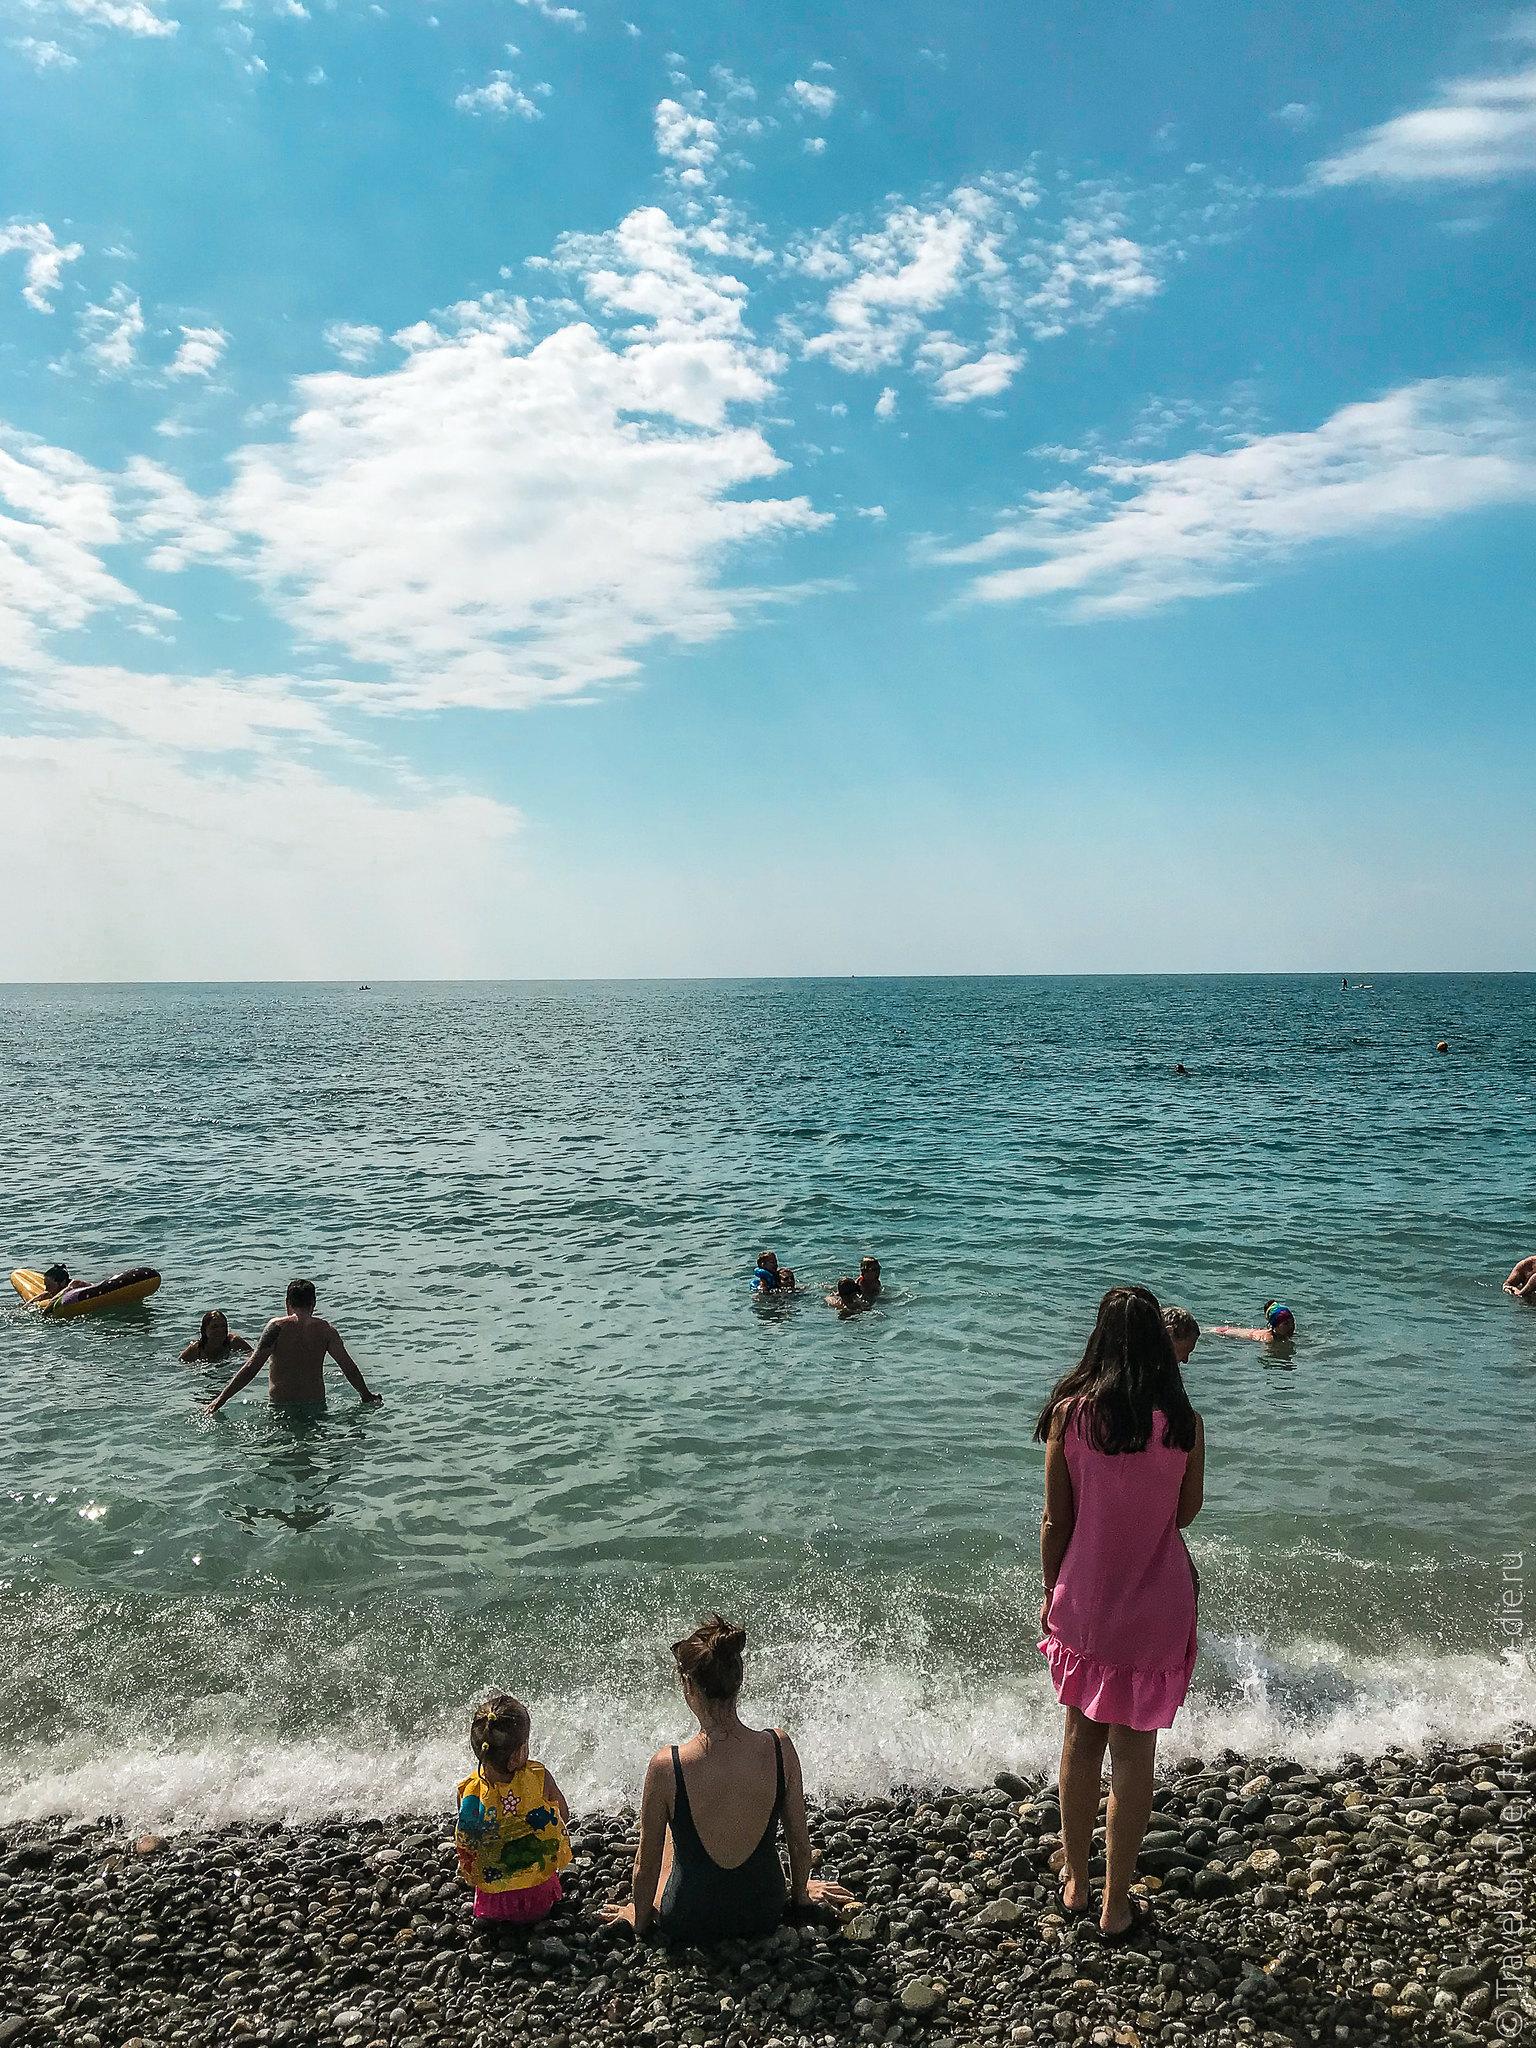 Пляж-Имеретинская-бухта-Сочи-Адлер-6712